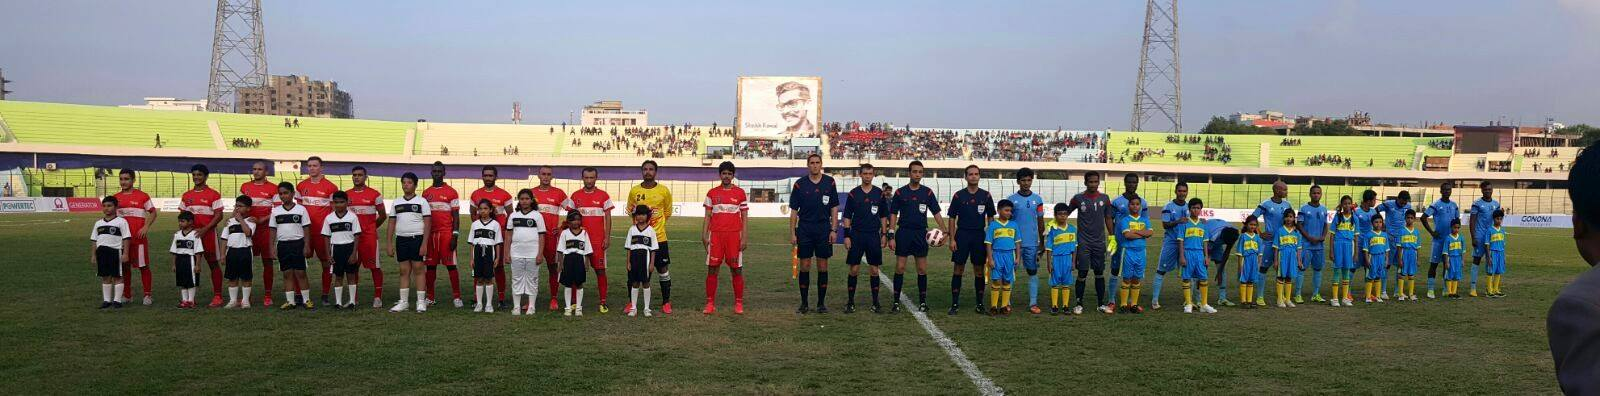 KE lose 3-2 to Dhaka Abahani in opener [Express Tribune]